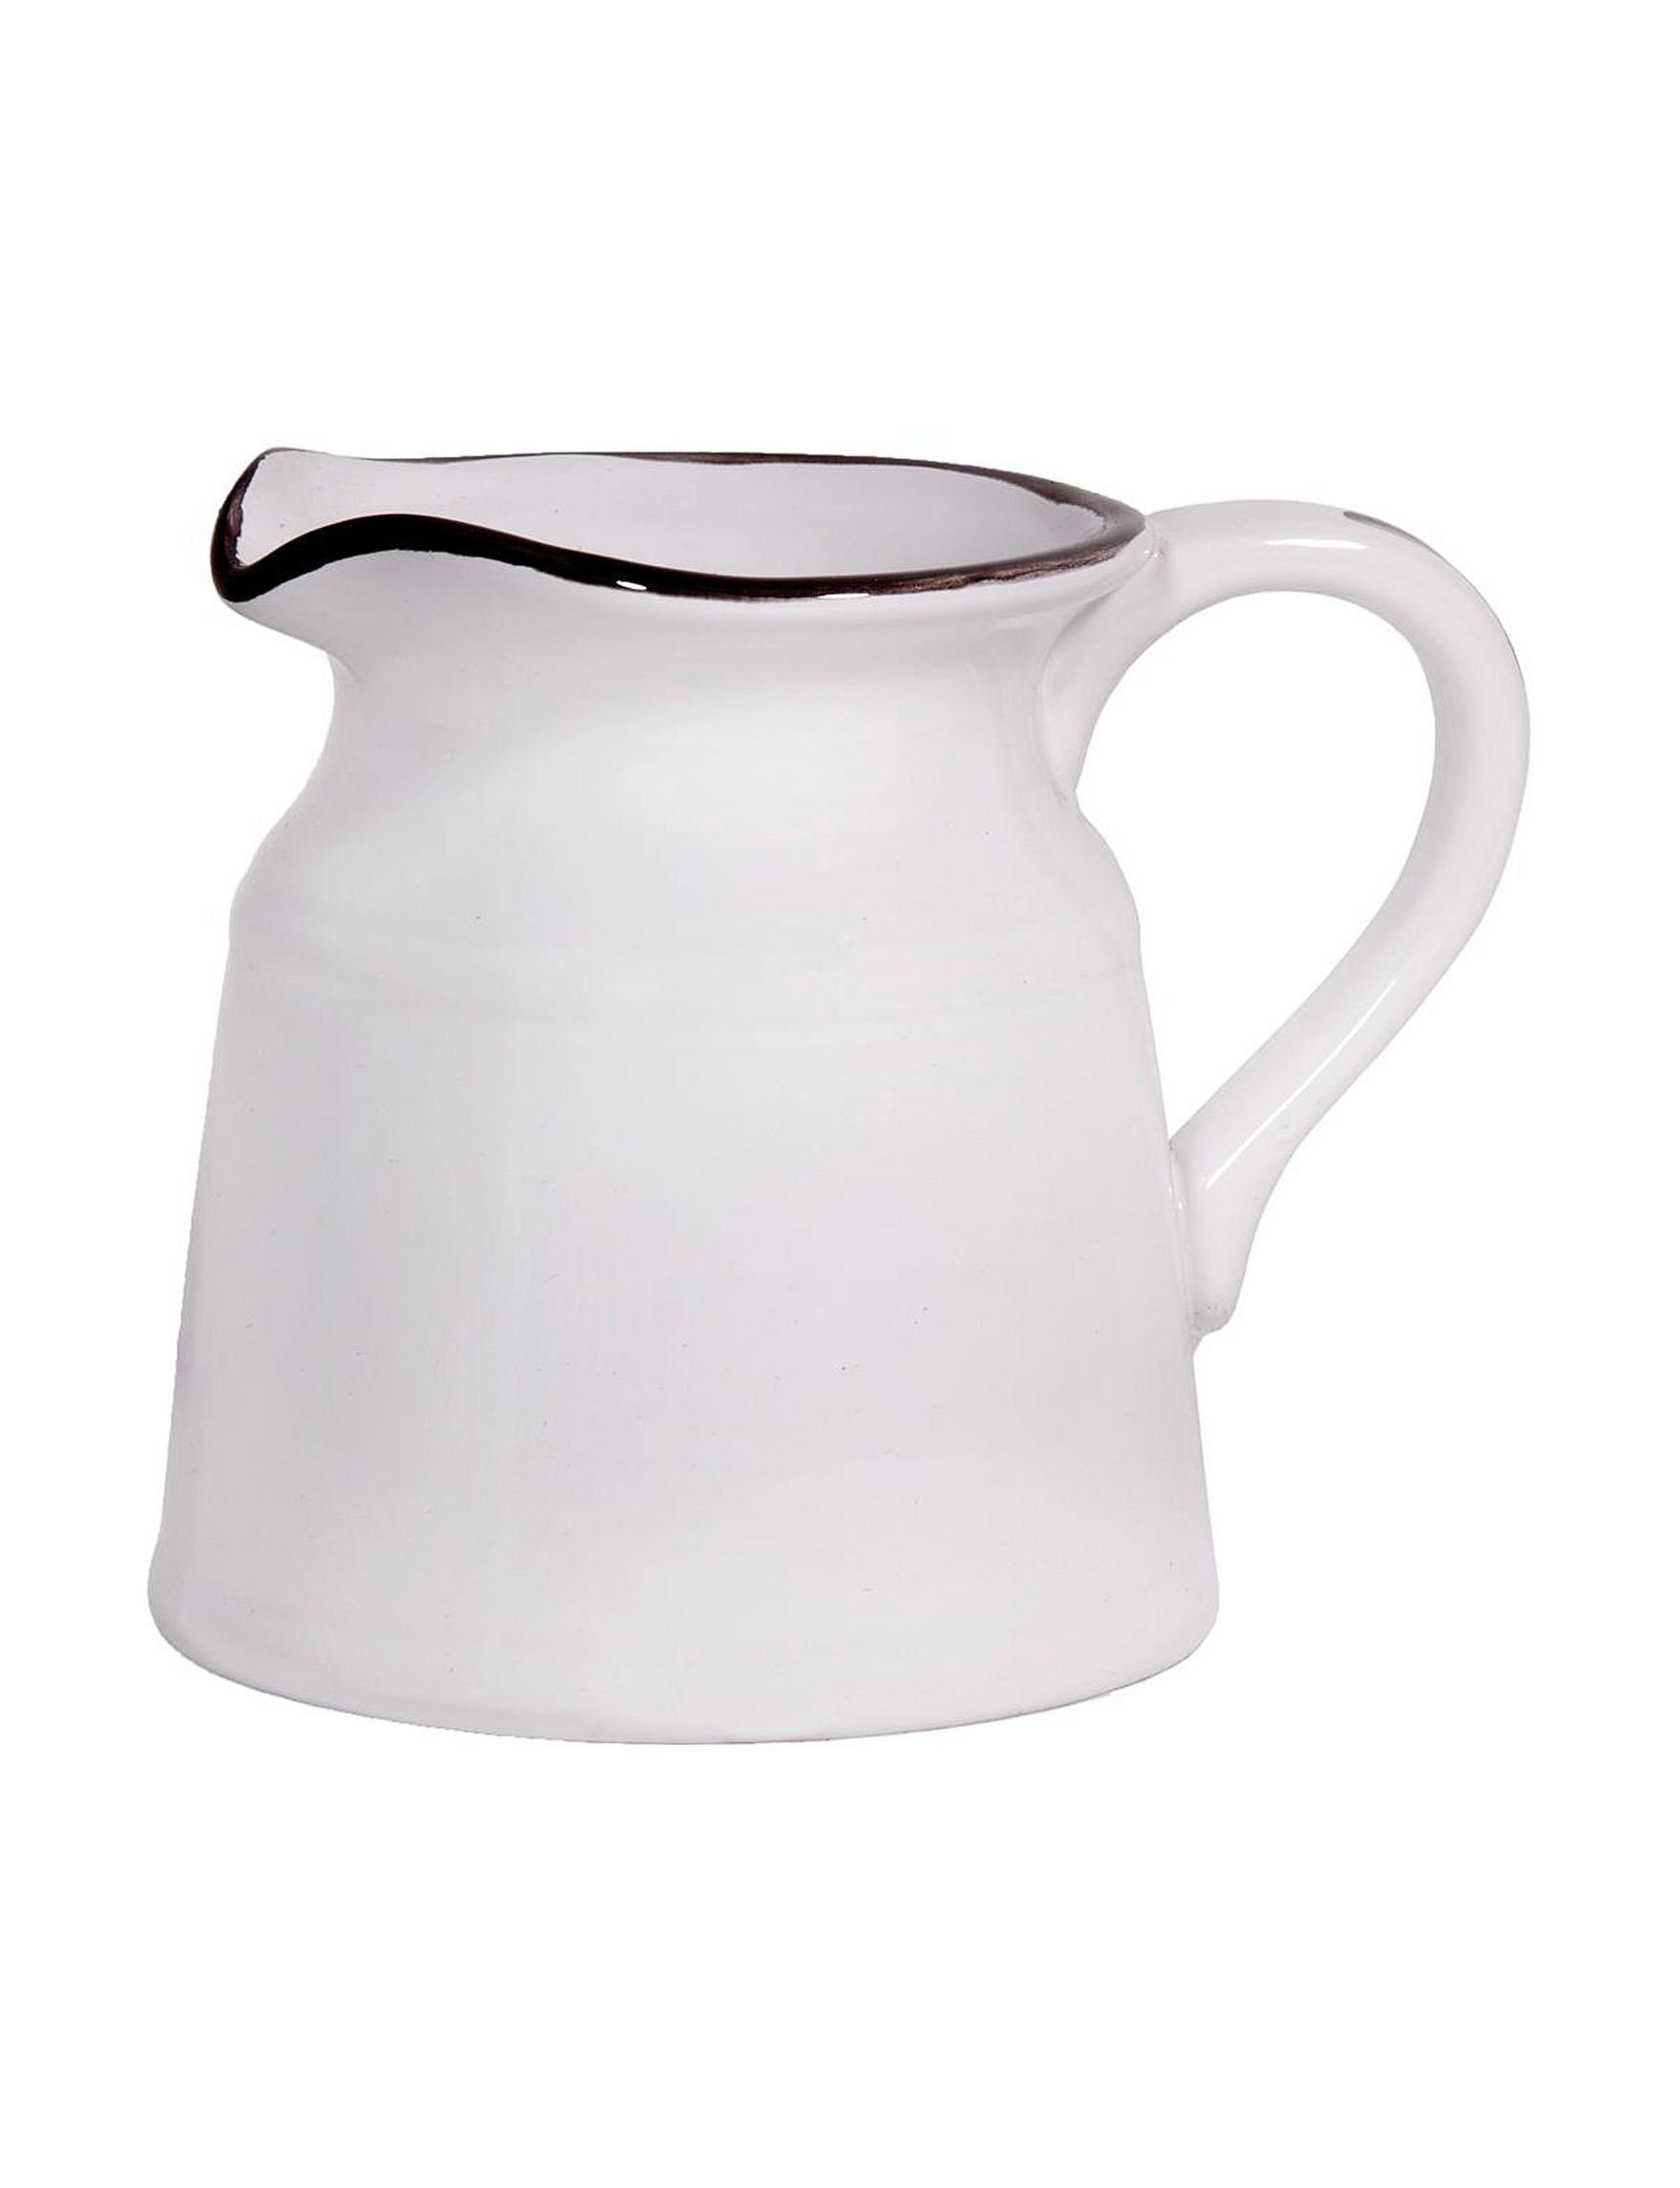 Home Essentials White / Silver Pitchers & Punch Bowls Serveware